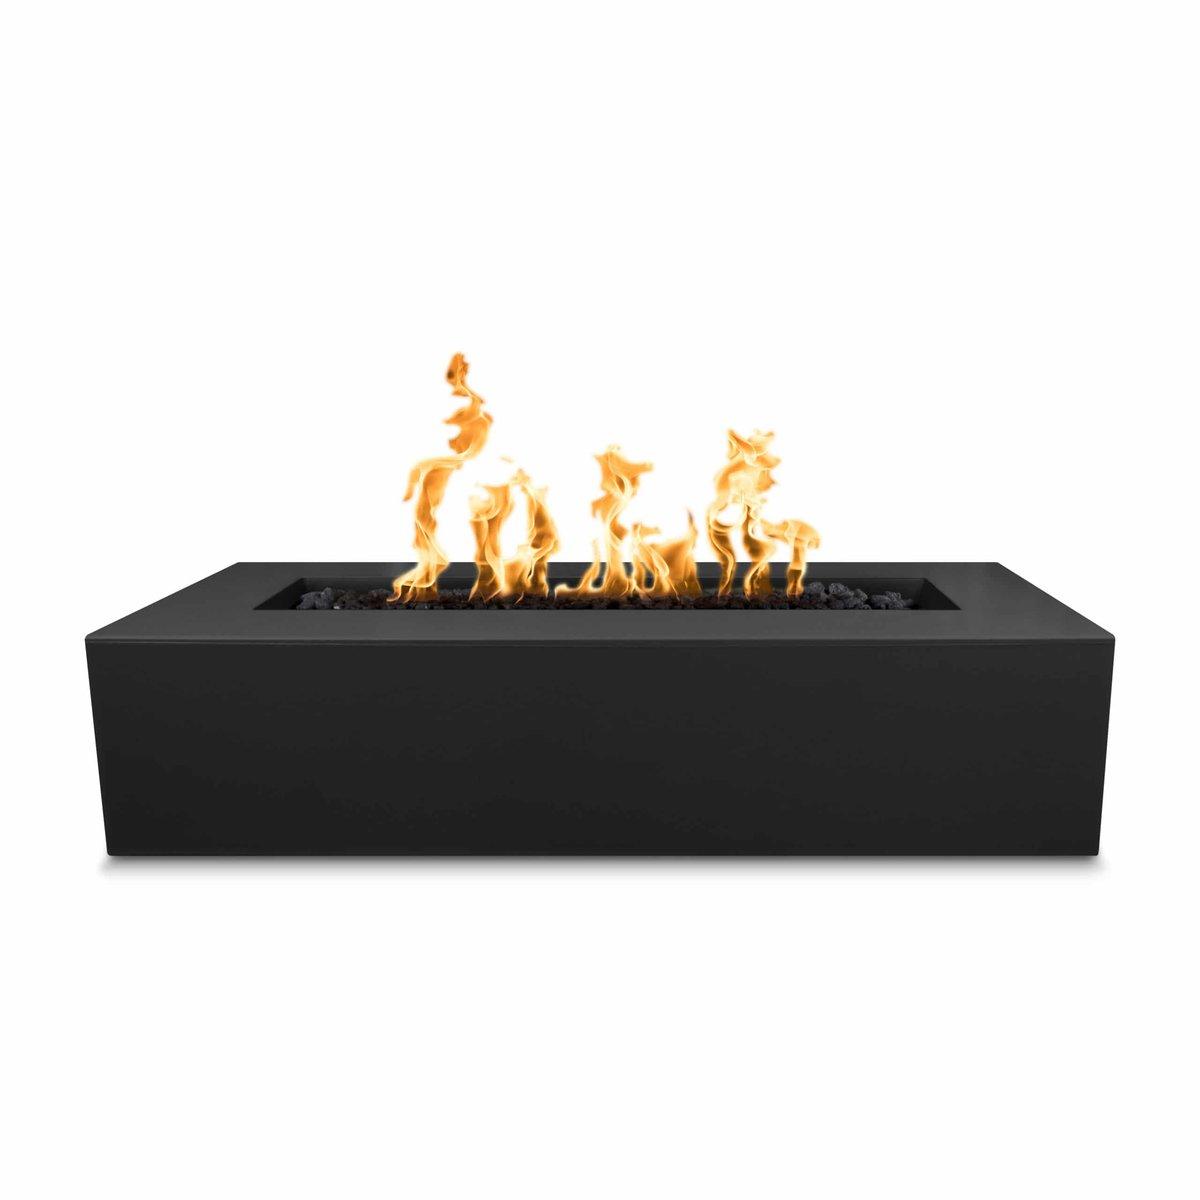 Regal Fire Pit - Black